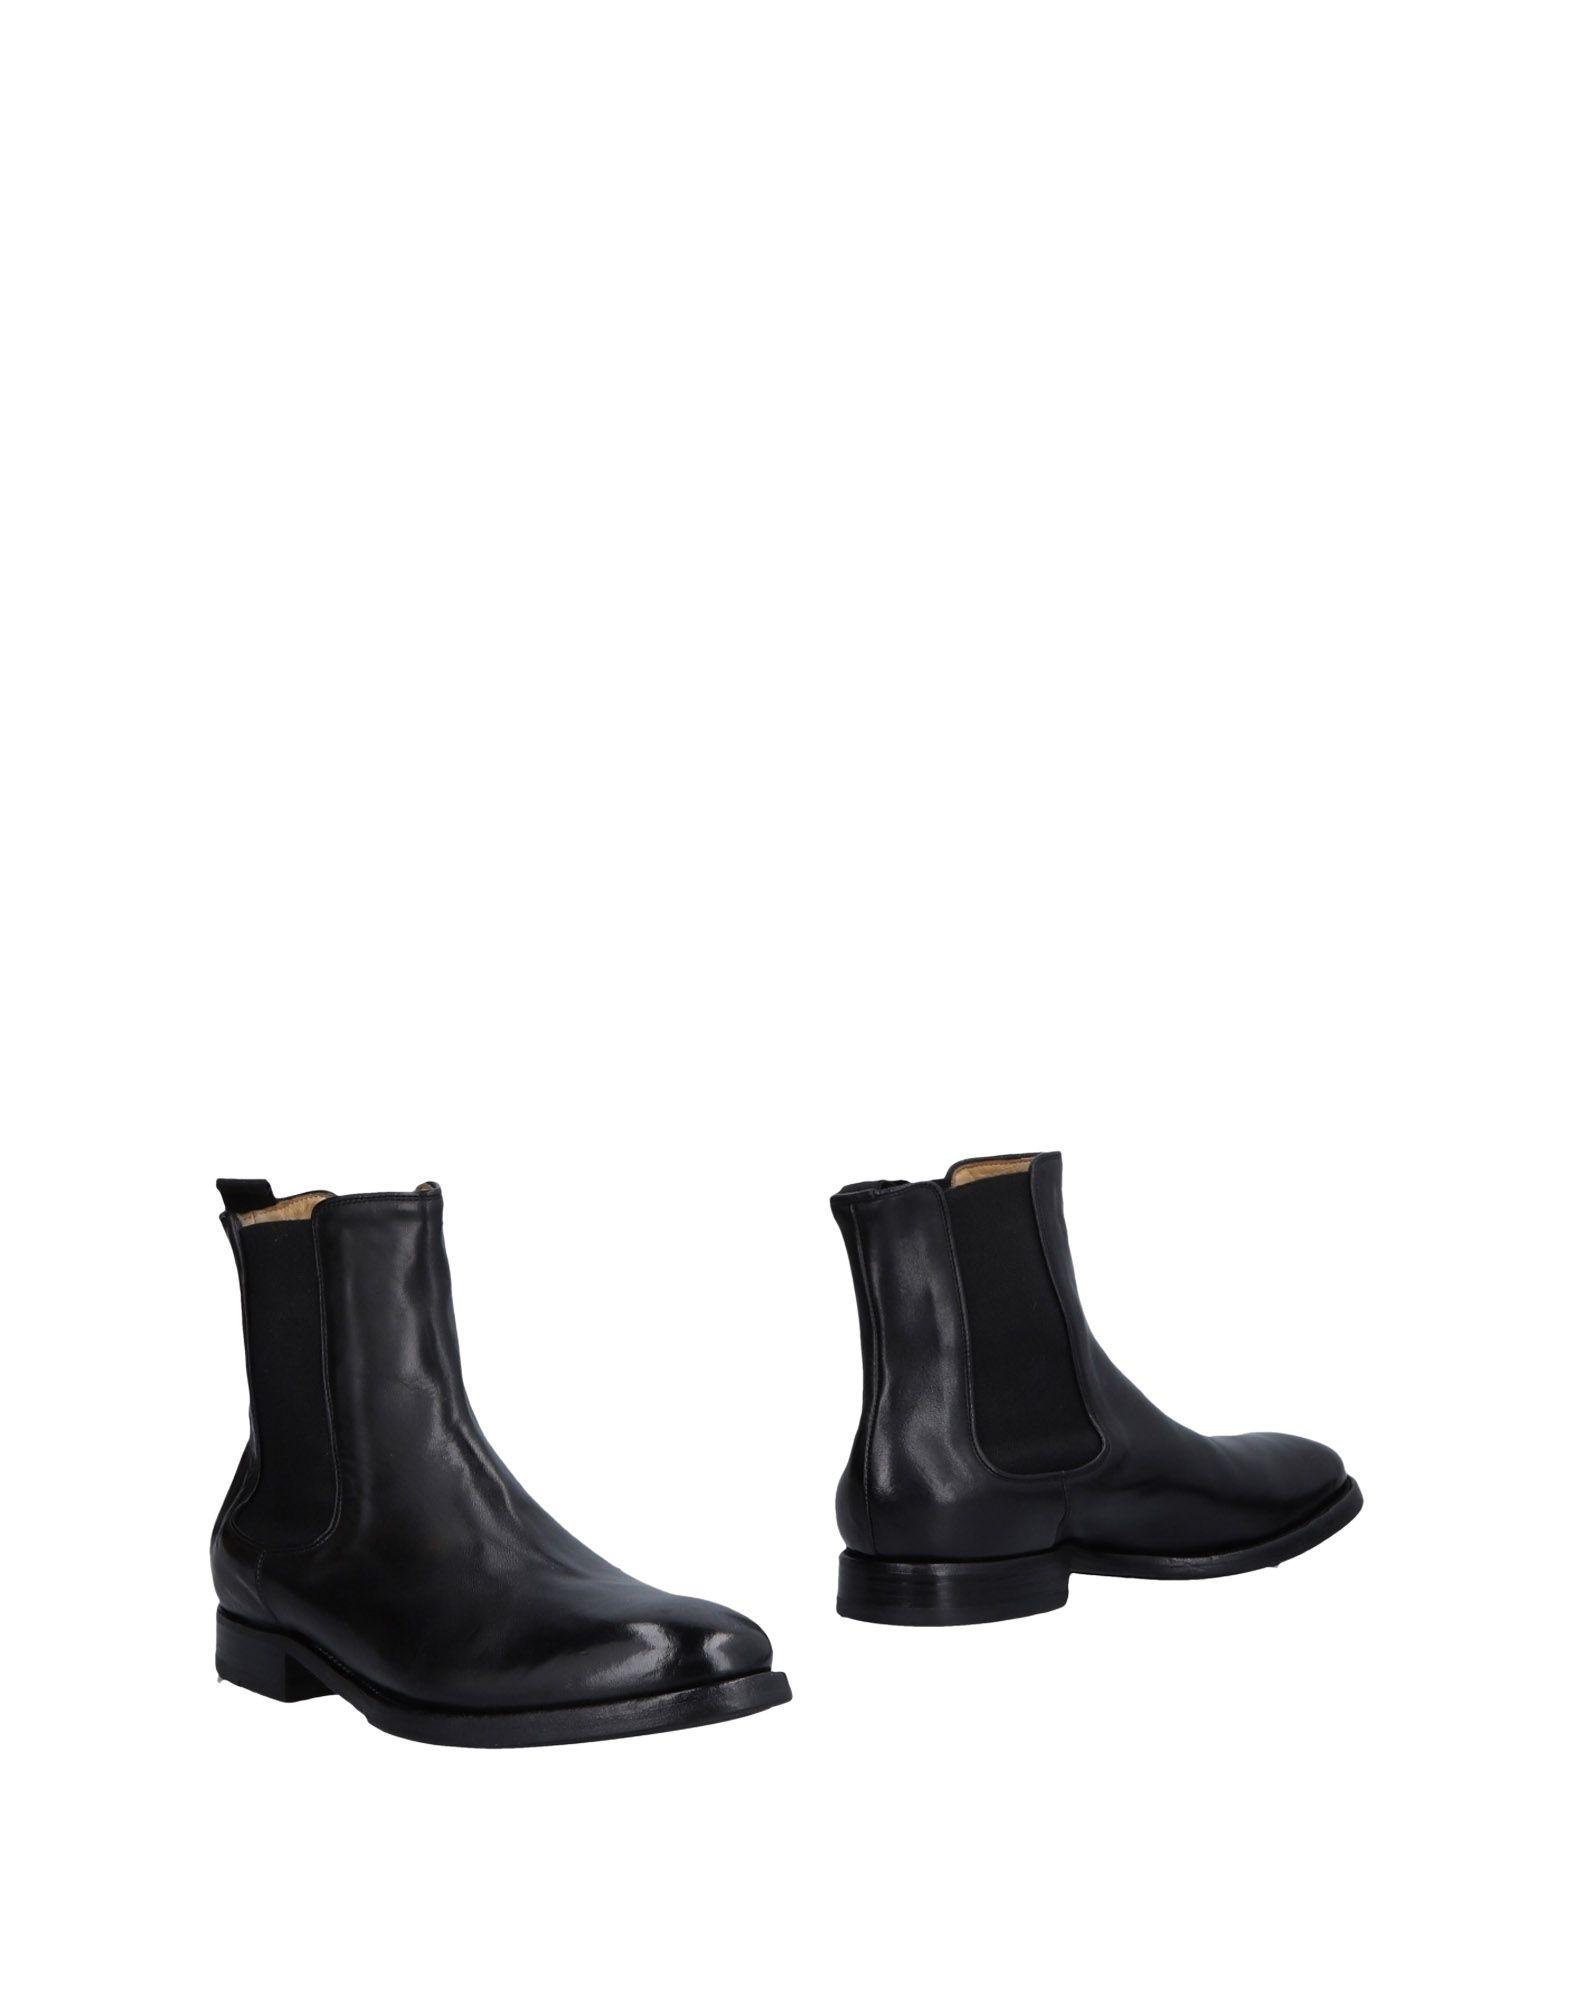 Sartori Gold Stiefelette Herren  11472867VQ Gute Qualität beliebte Schuhe